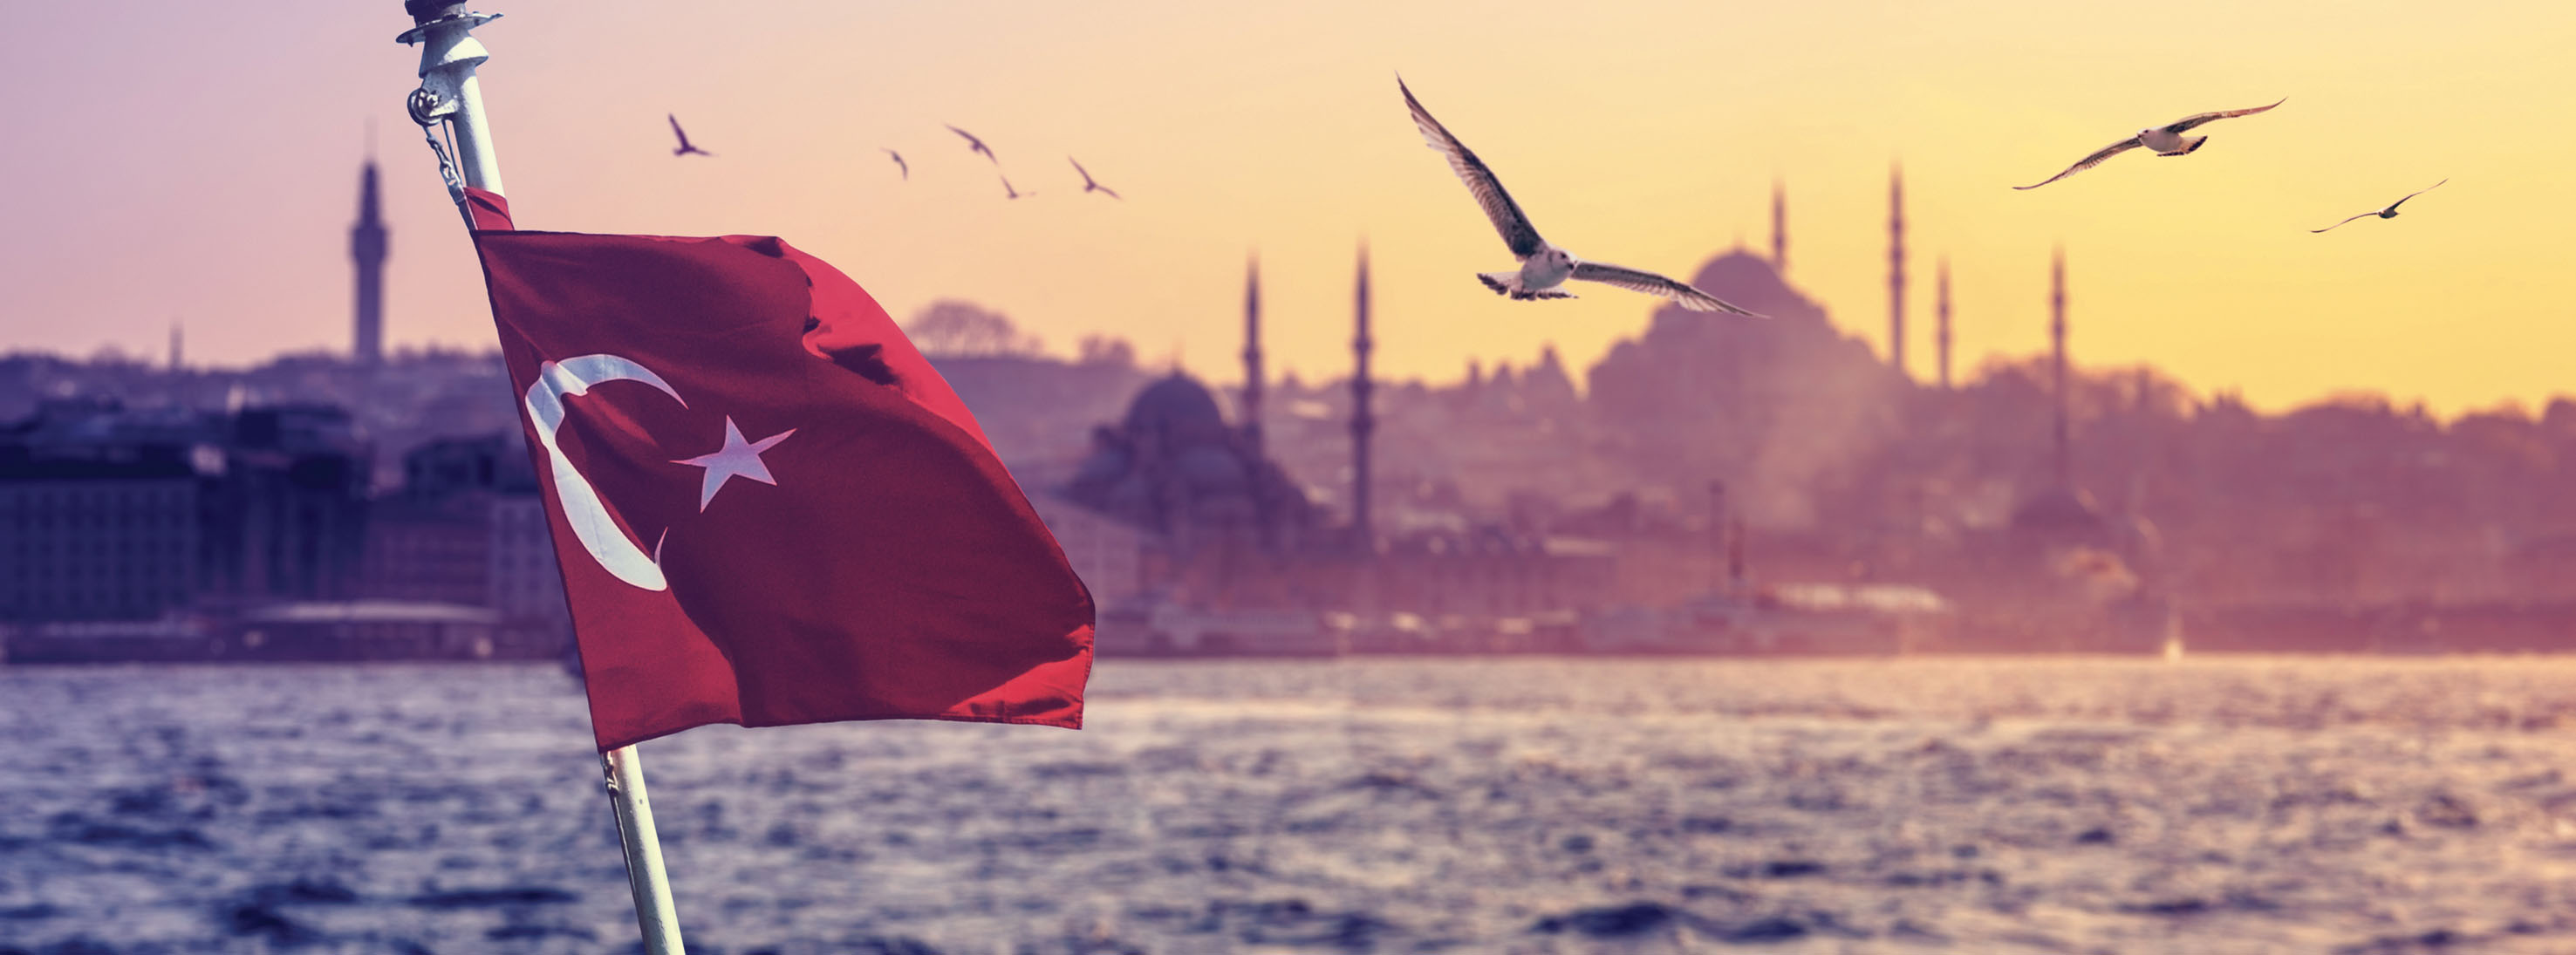 Turchia, è l'inizio della fine o solo un altro capitolo?